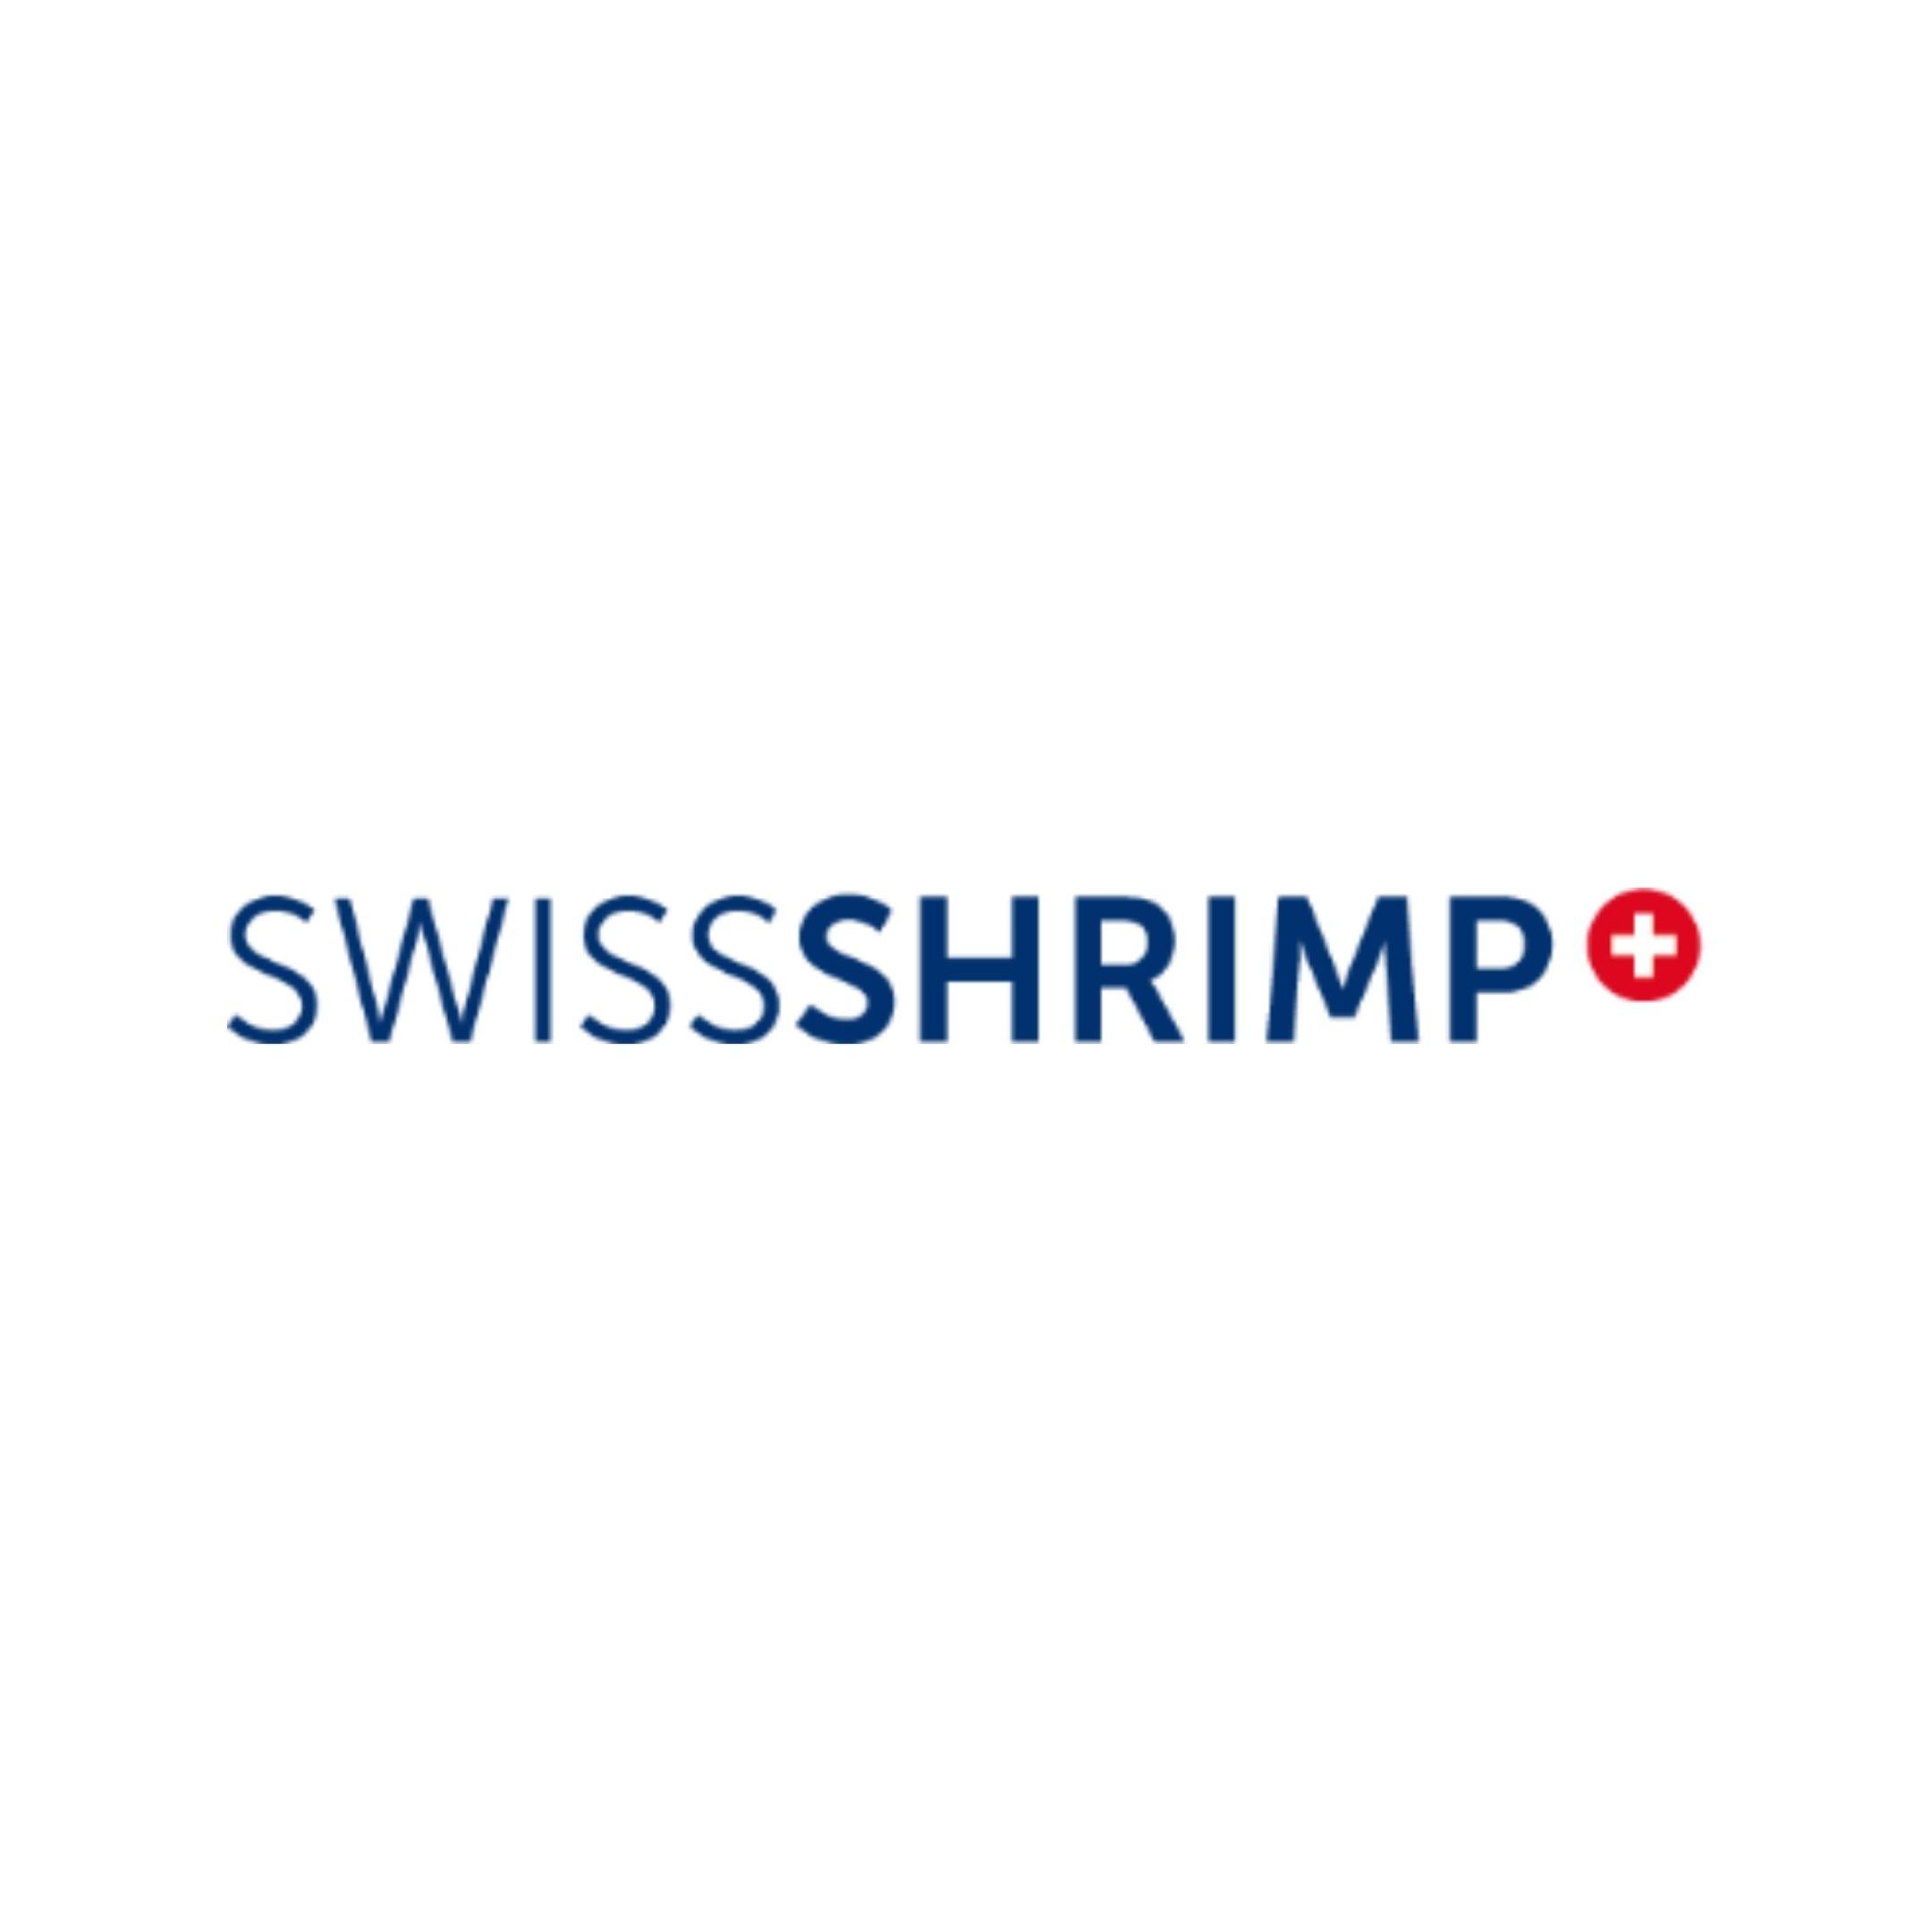 SwissShrimp AG